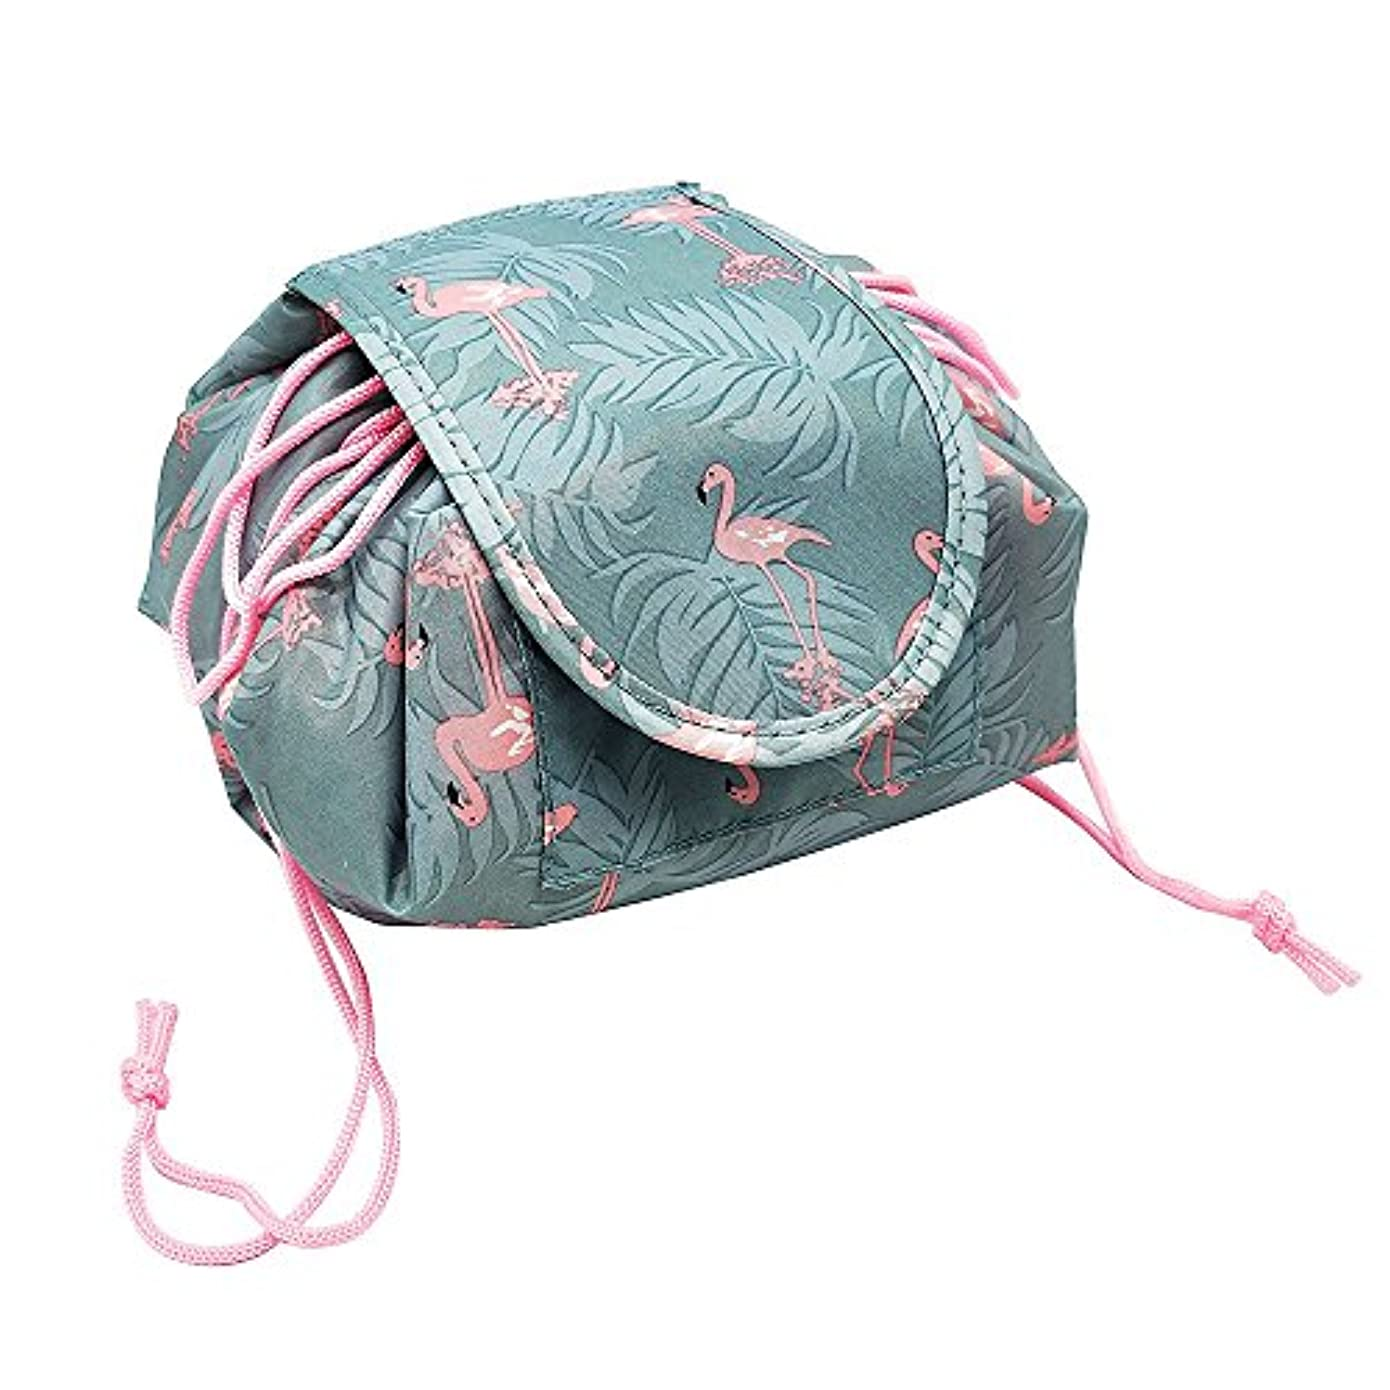 飛ぶローラー火薬YOE(ヨイ) 化粧ポーチ 巾着型 メイクポーチ 化粧品収納 ボックス メイクバッグ コスメ収納 ポーチ レディース (フリーサイズ, フラミンゴ)